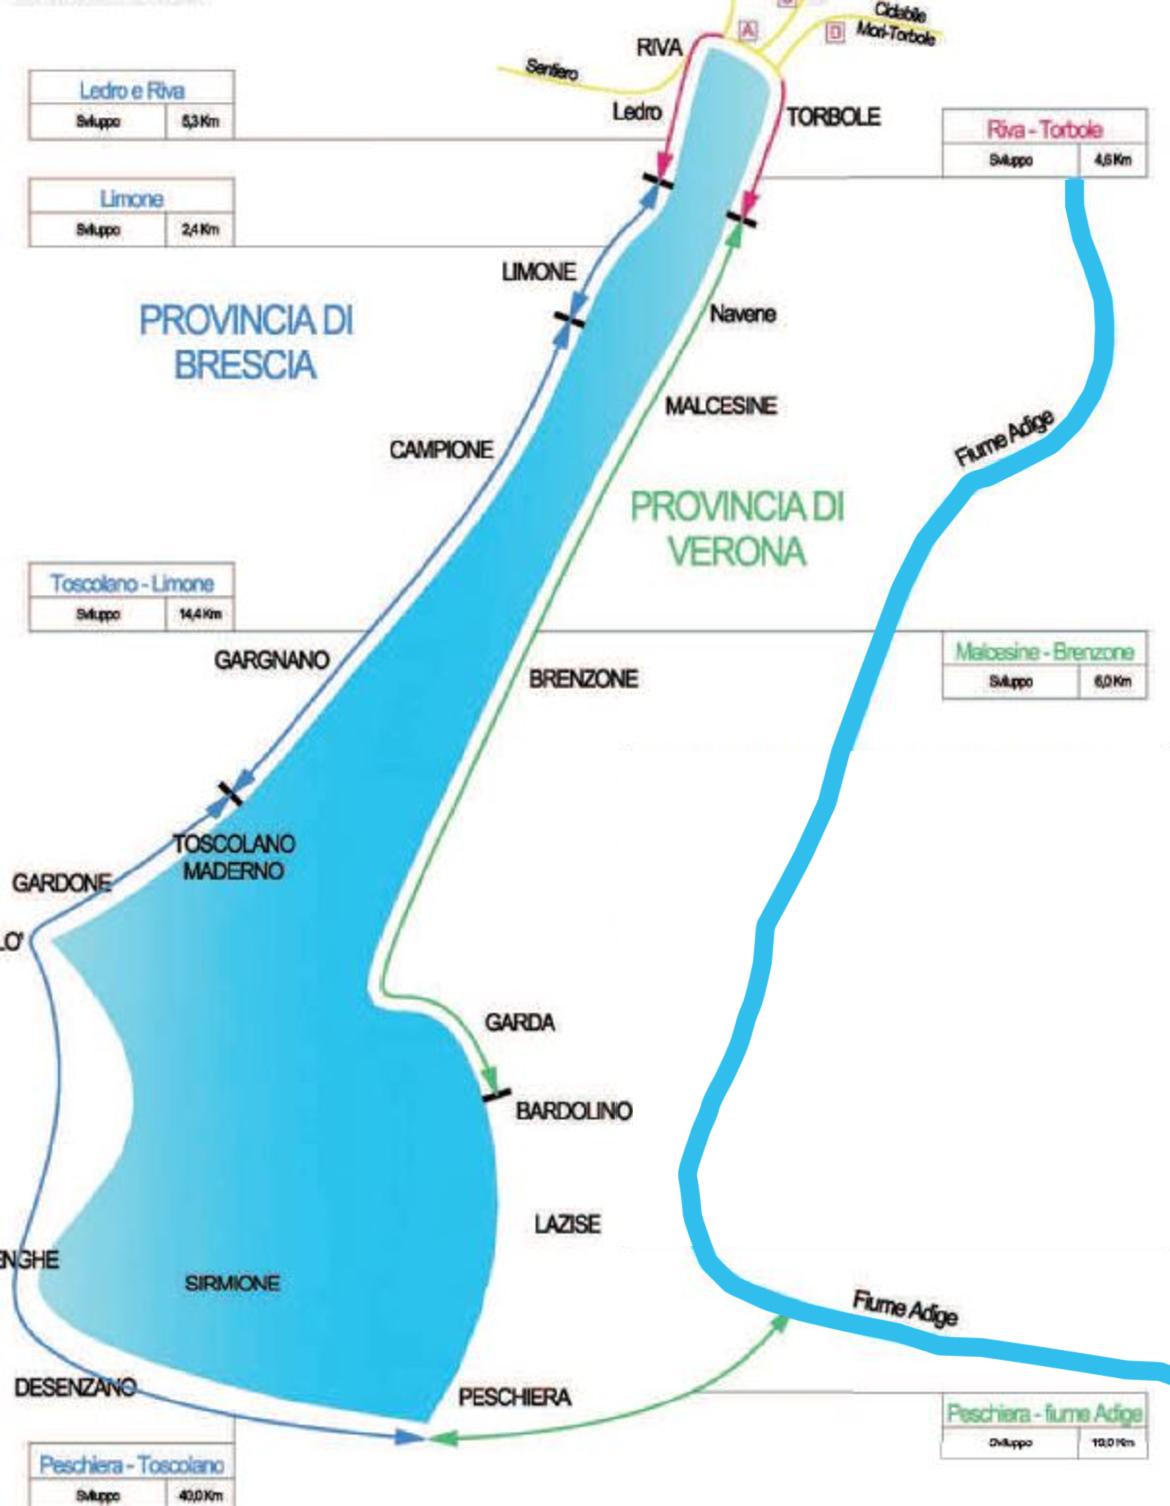 Lago Di Garda Cartina Geografica.Garda By Bike Una Pista Ciclabile Sulle Rive Del Lago Di Garda